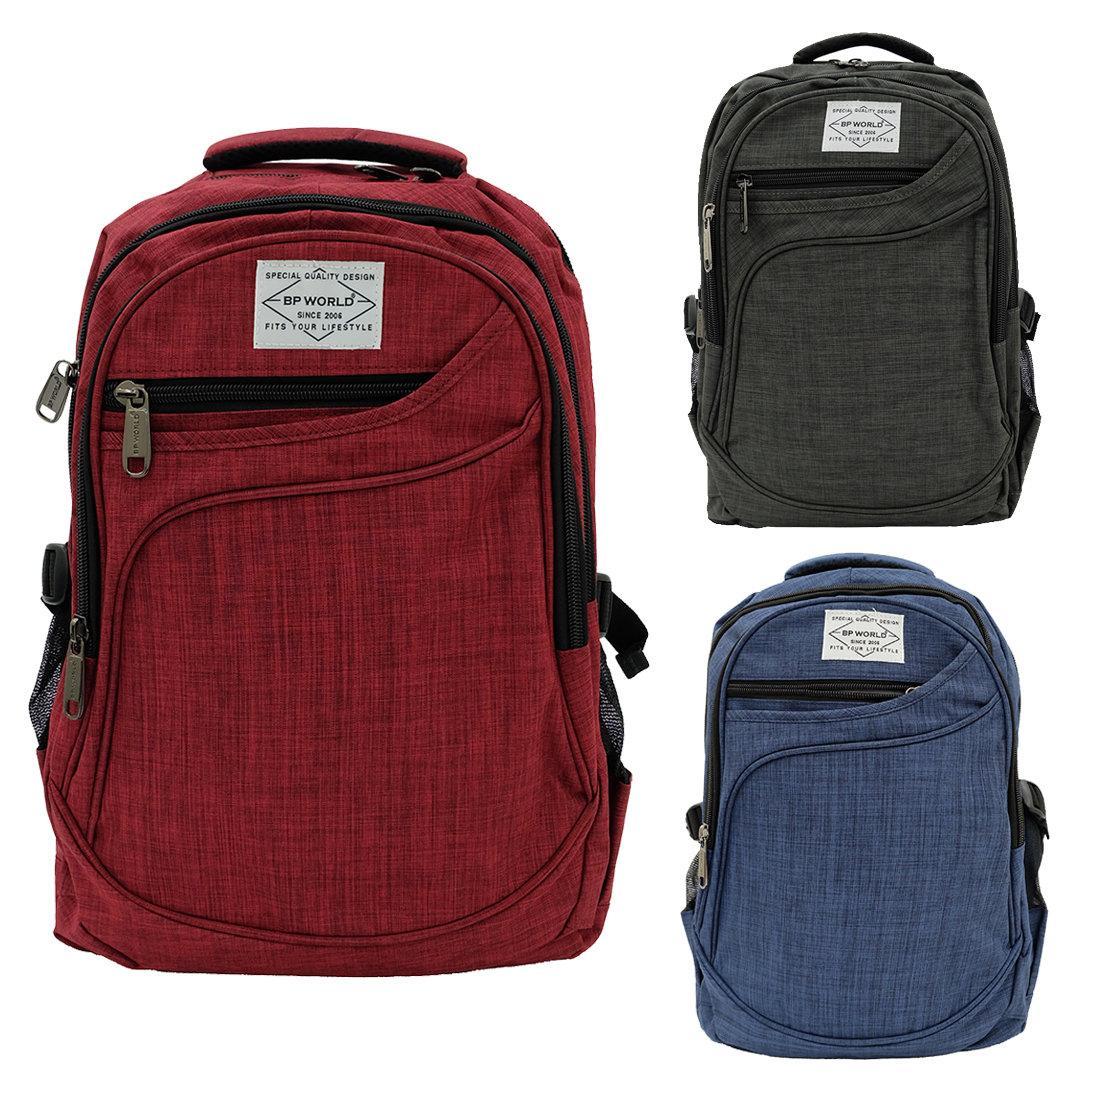 ฺBP WORLD กระเป๋าเป้ รุ่น P1006 มีให้เลือก3สี ได้แก่ สีเทาเข้ม,น้ำเงิน,แดง